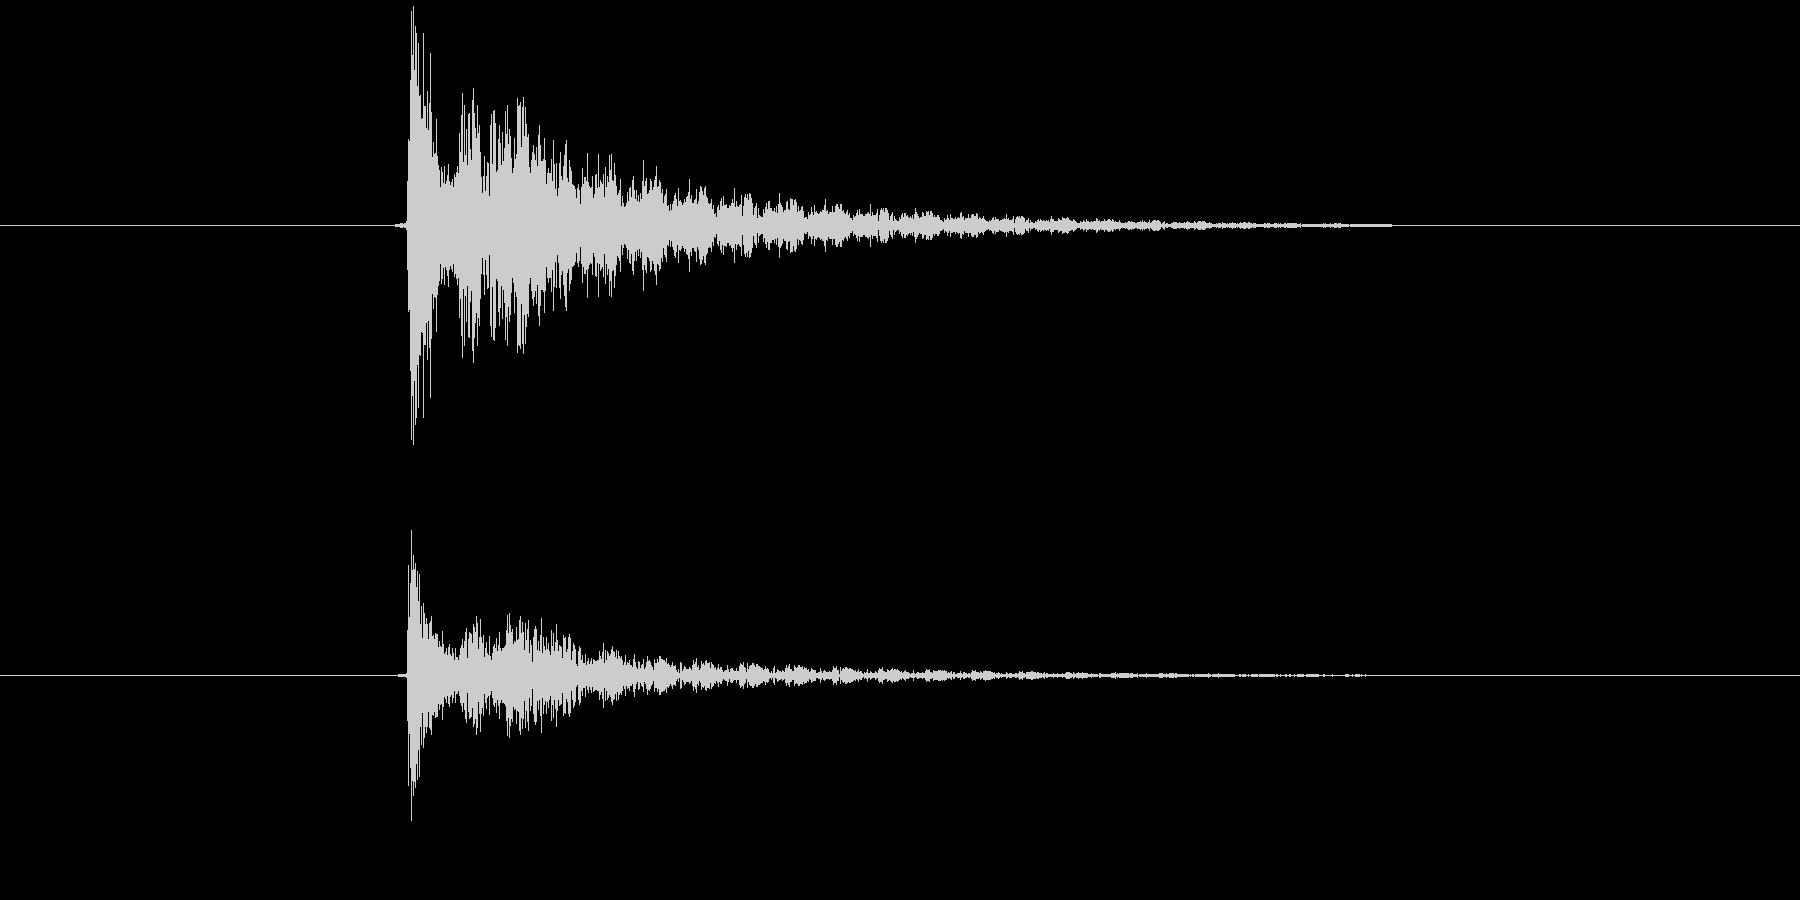 ダメージ、ミス、キャンセル 電子音の未再生の波形